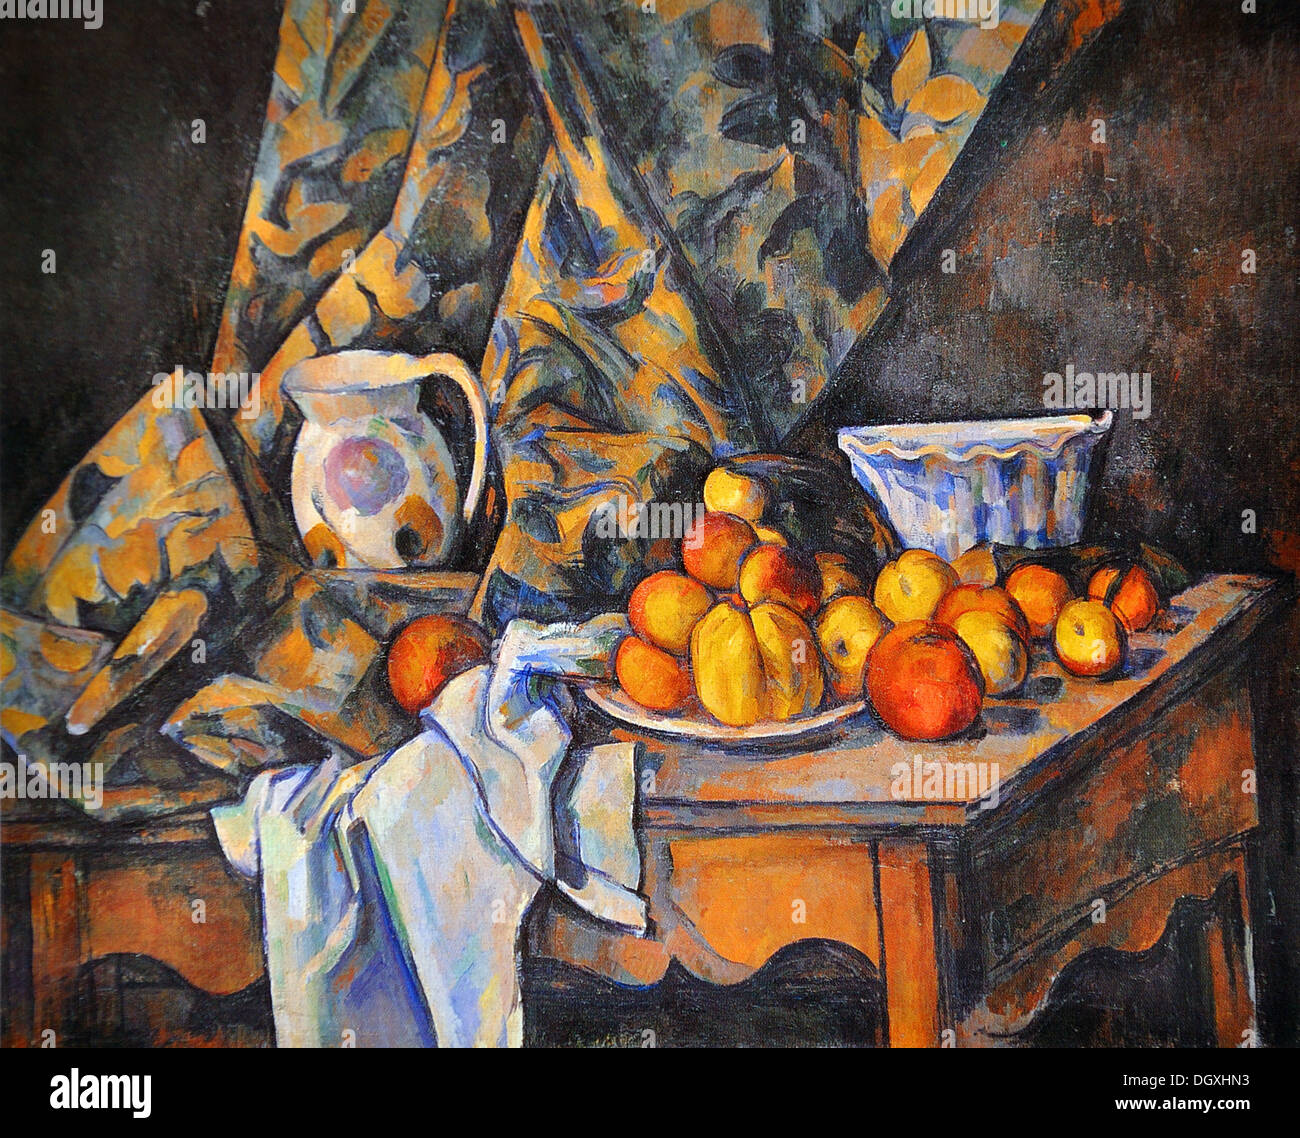 Bodegón con manzanas y melocotones - por Paul Cézanne, 1905 Imagen De Stock